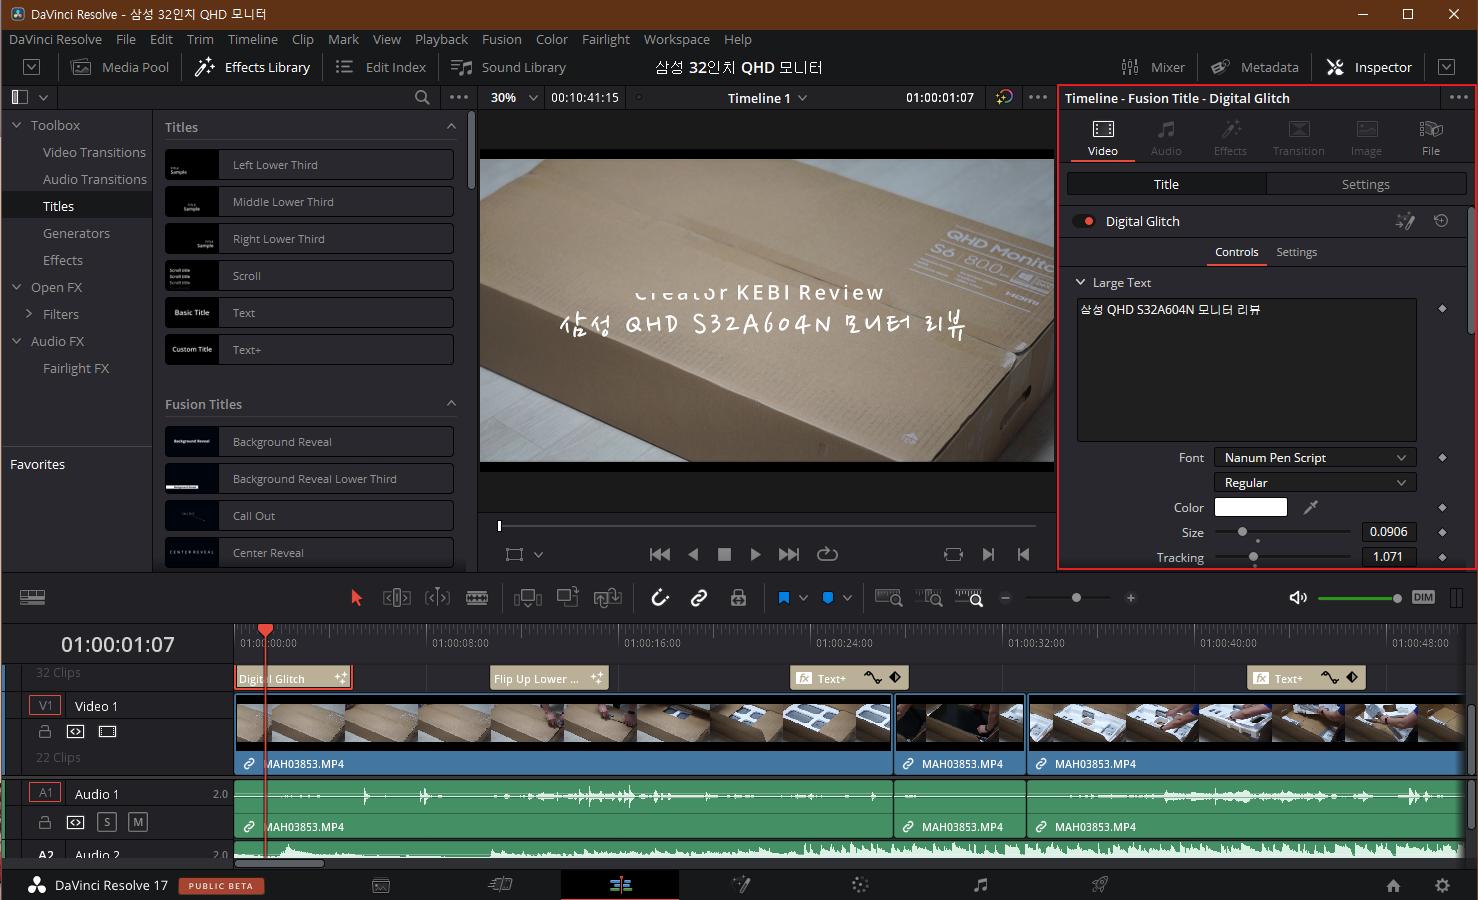 무료 동영상 편집 프로그램 추천 다빈치 리졸브 사용방법 이미지 7